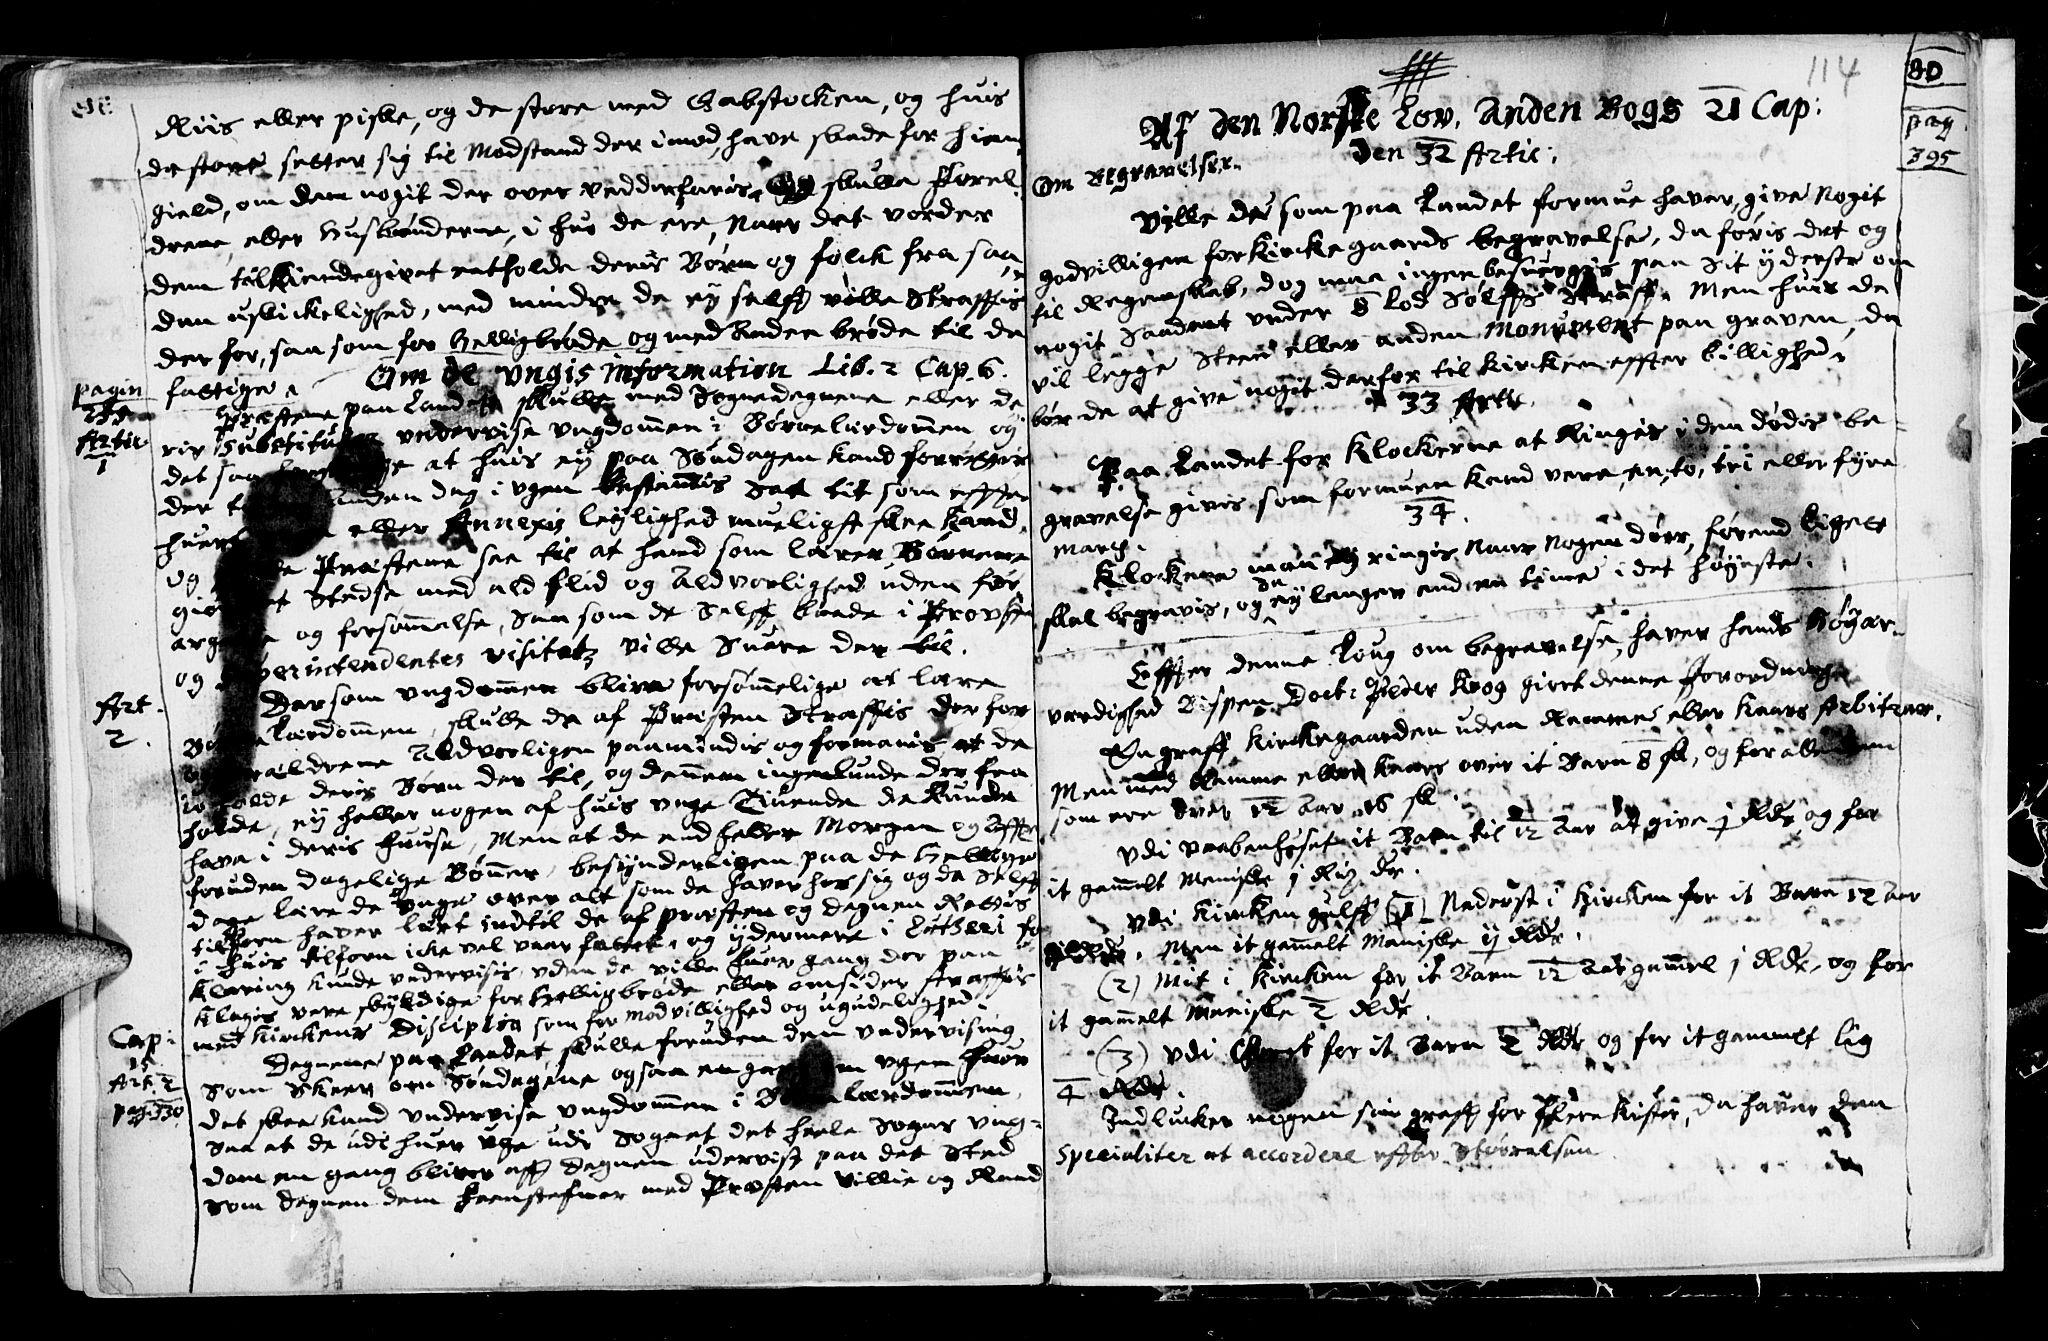 SAT, Ministerialprotokoller, klokkerbøker og fødselsregistre - Sør-Trøndelag, 689/L1036: Ministerialbok nr. 689A01, 1696-1746, s. 114